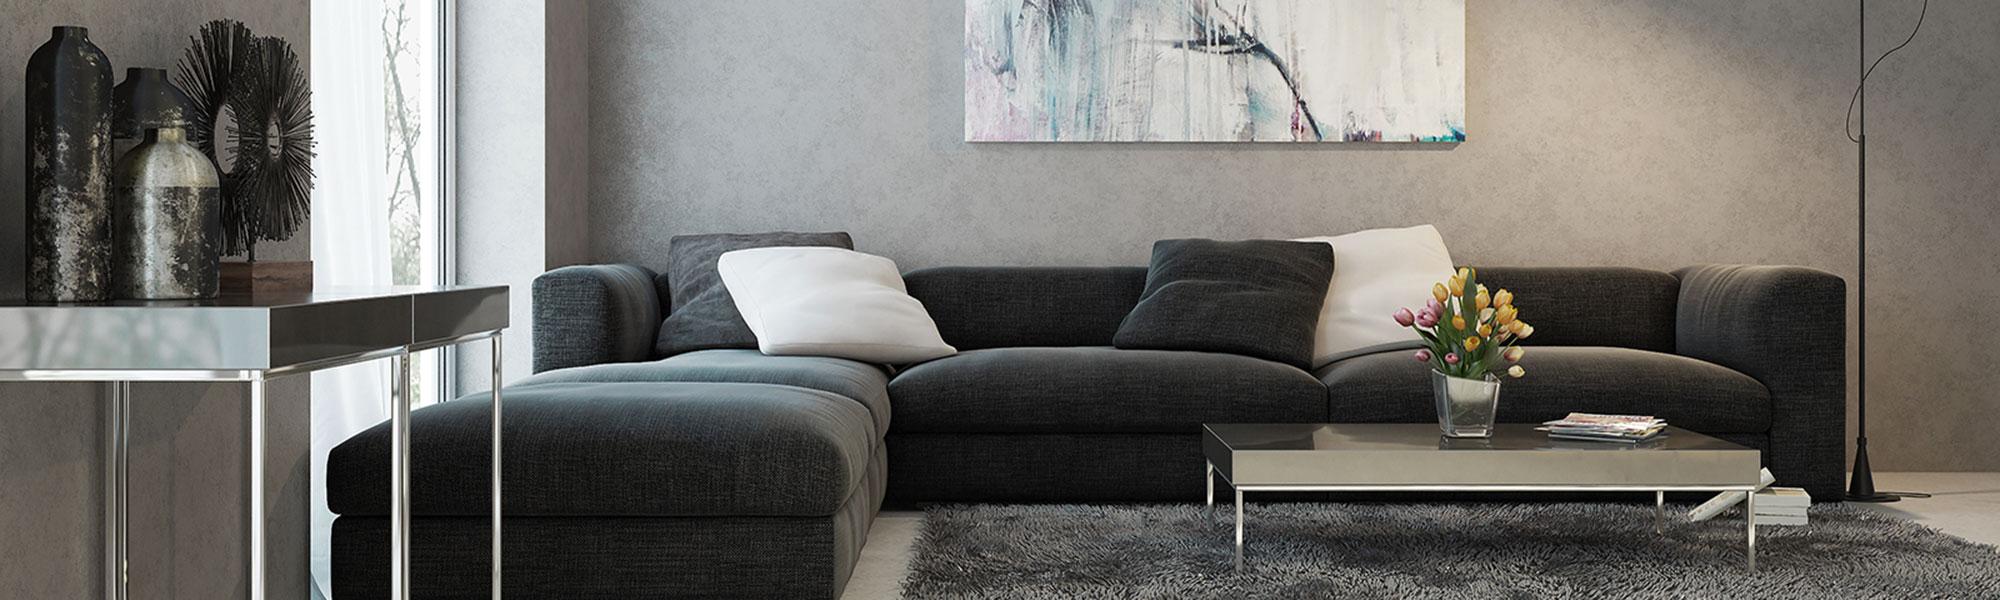 Design d'intérieur - Unidé design - Mélina desjardins